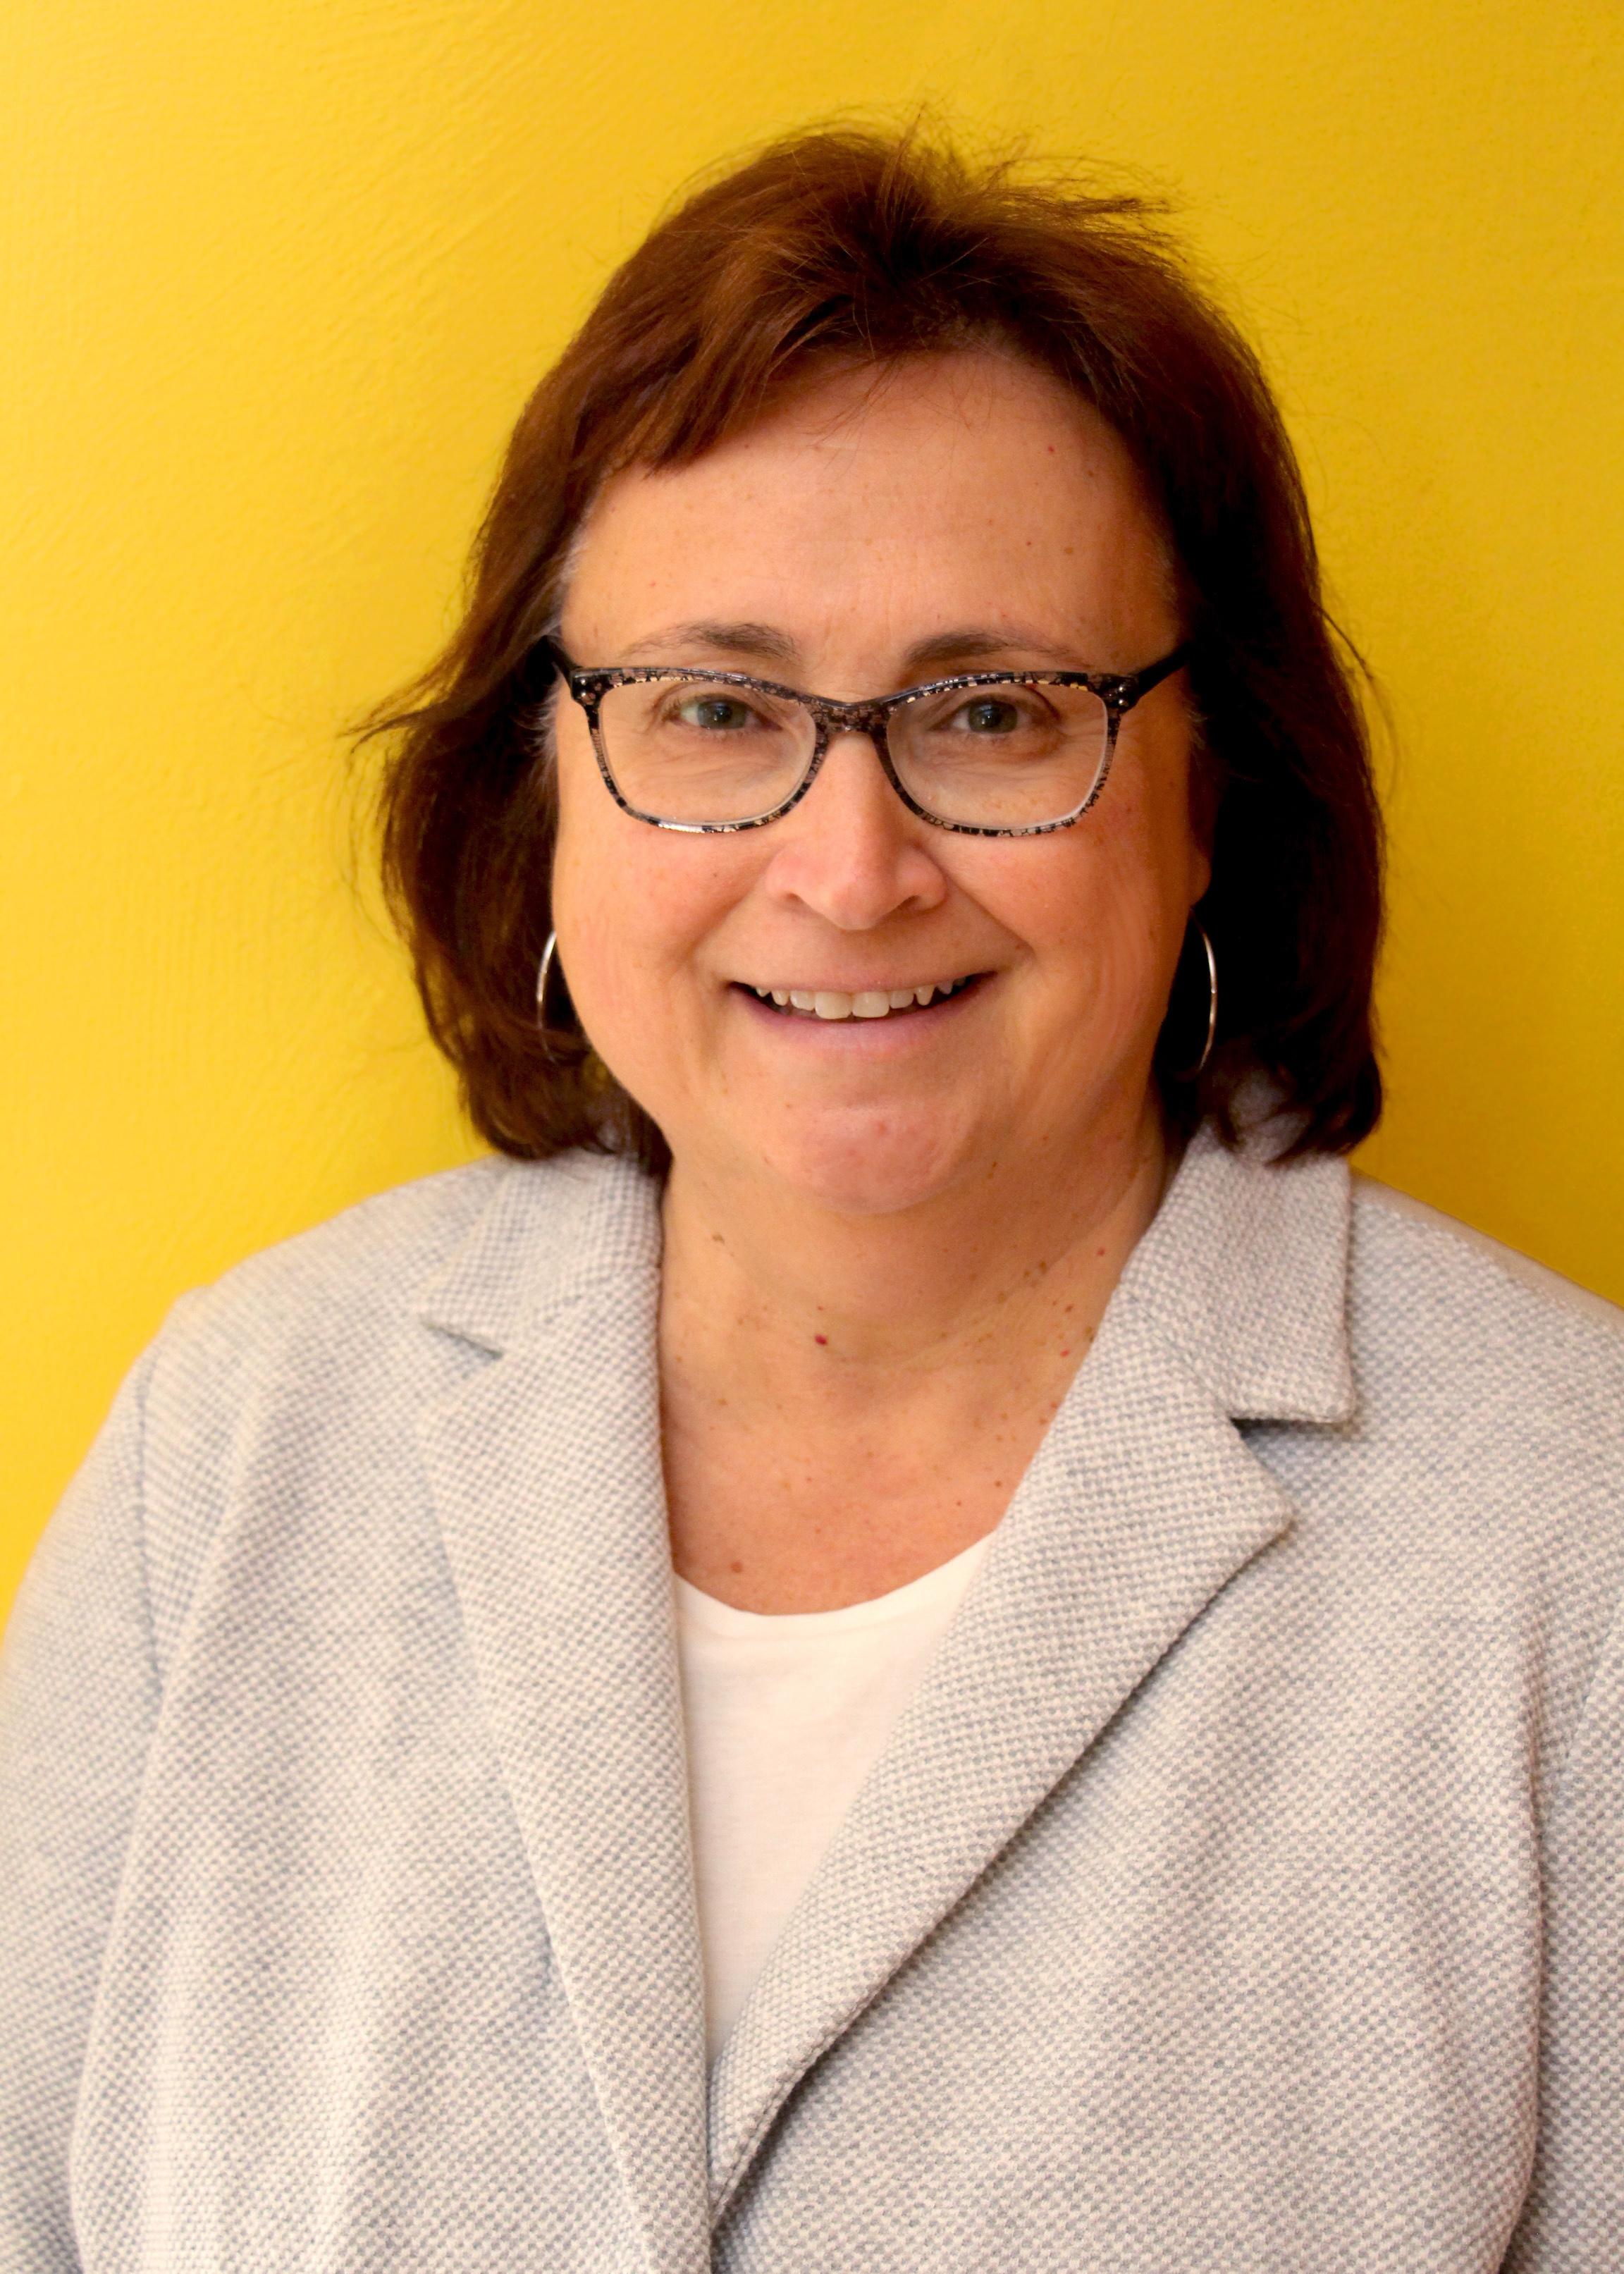 Dr. Amy Klinger